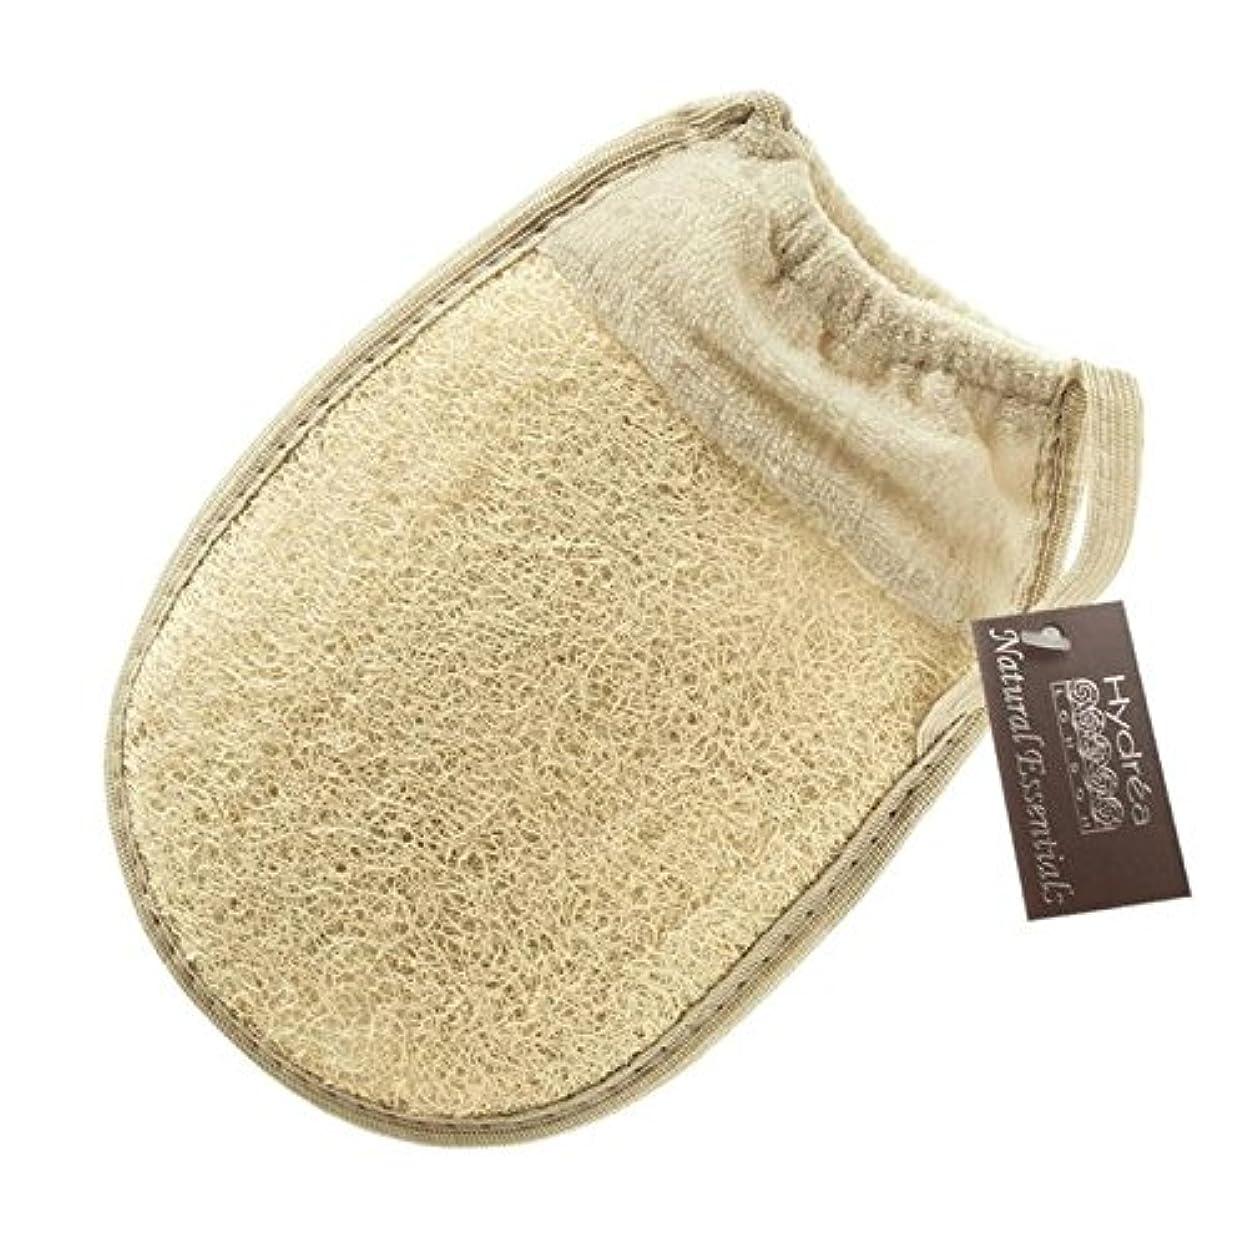 キャプション遠近法バンHydrea London Egyptian Loofah Glove with Elasticated Cuff - 伸縮性カフとハイドレアロンドンエジプトのヘチマグローブ [並行輸入品]